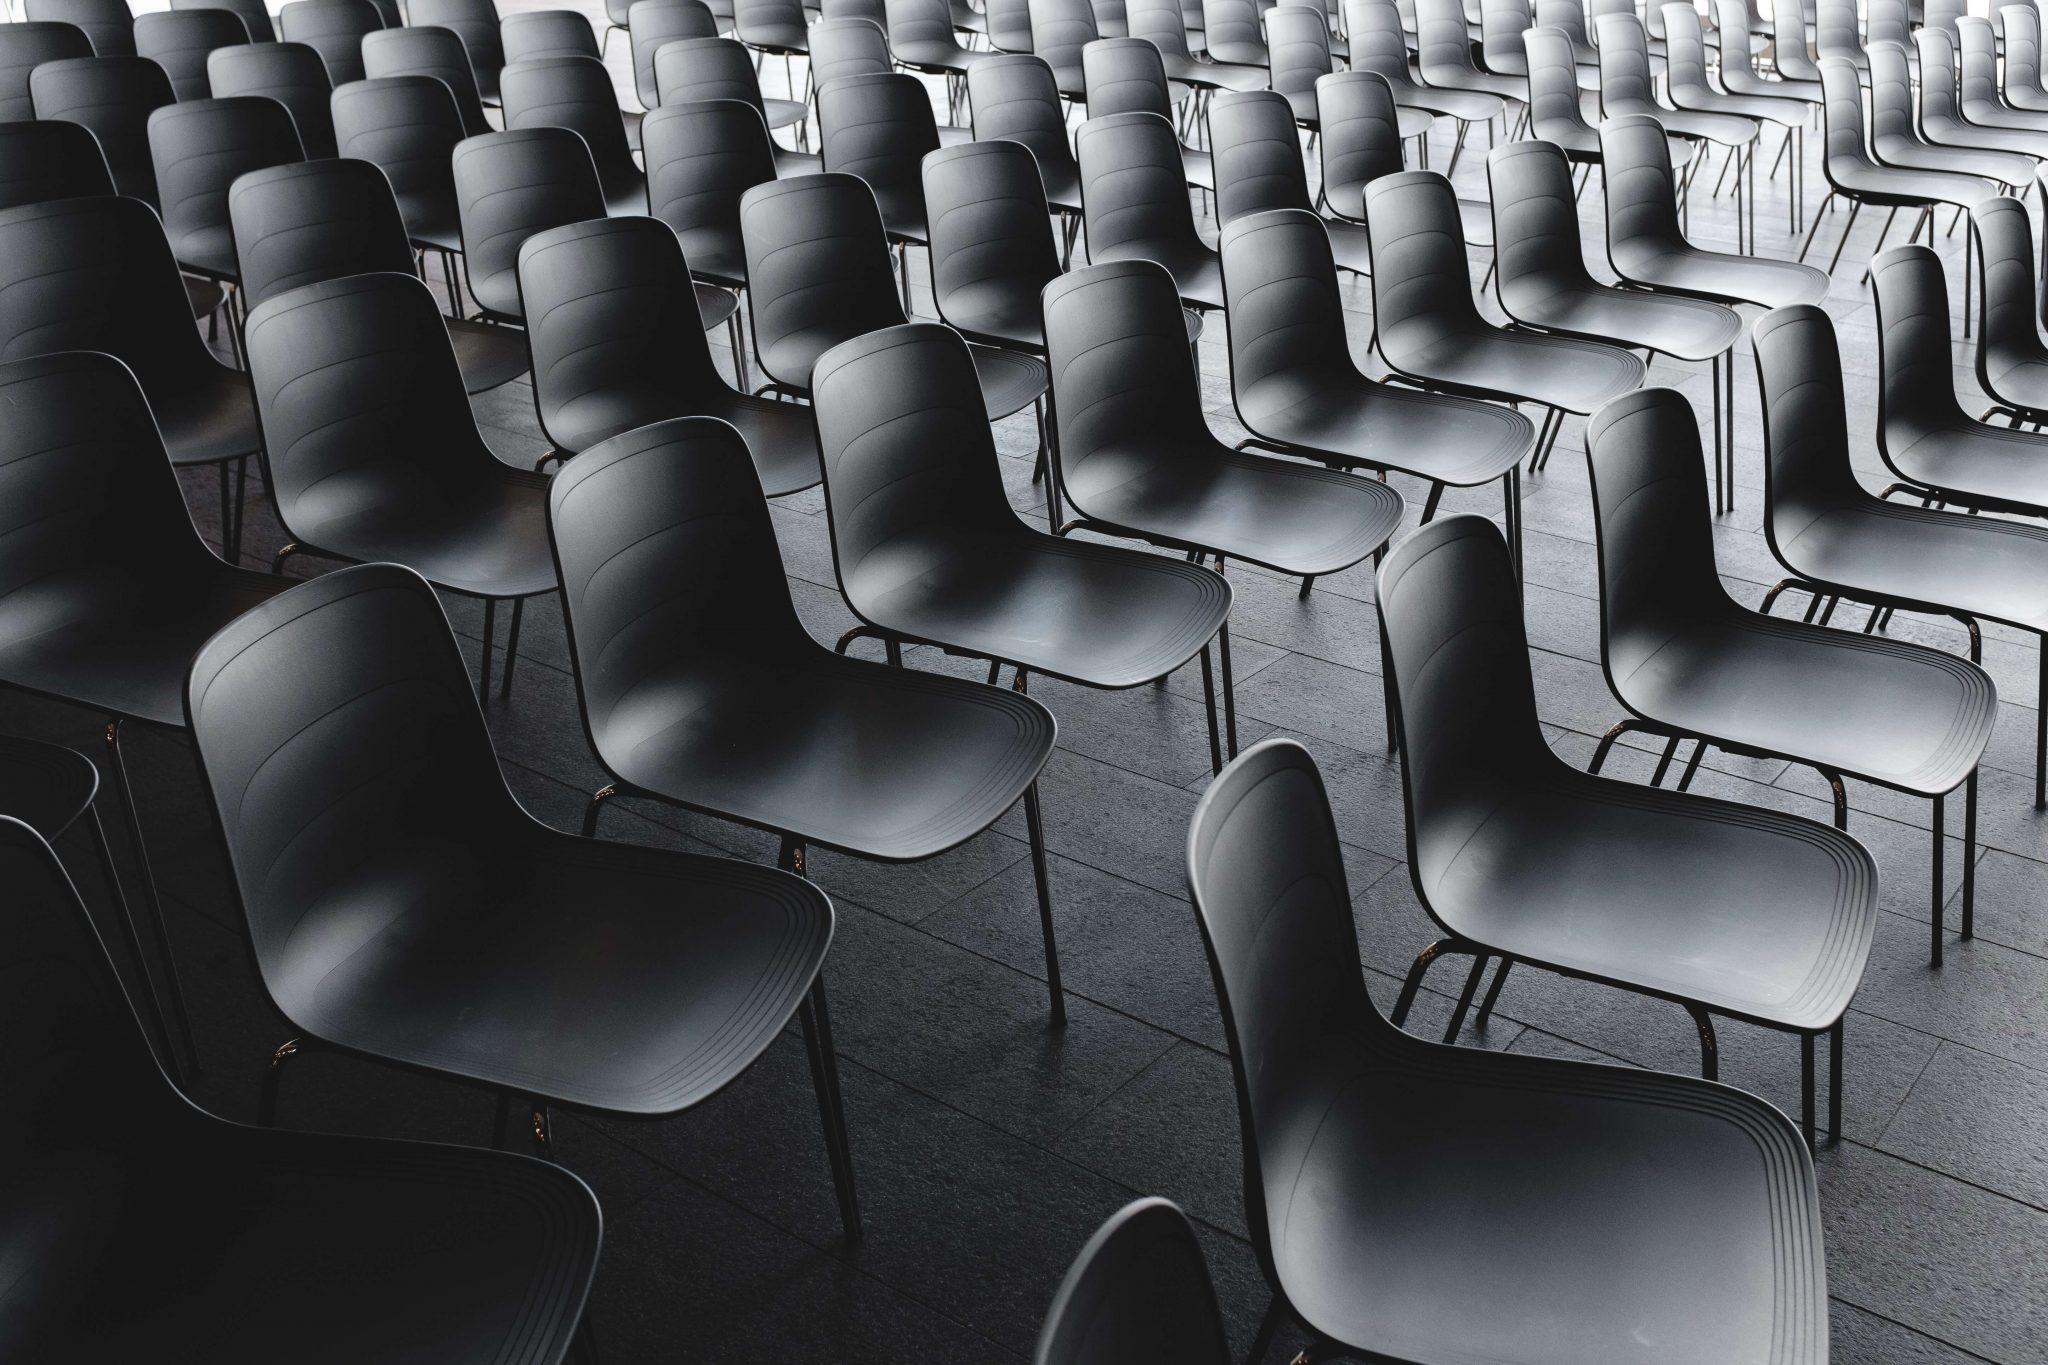 O Aumento da Evasão no Ensino Superior assusta, mas existem saídas.